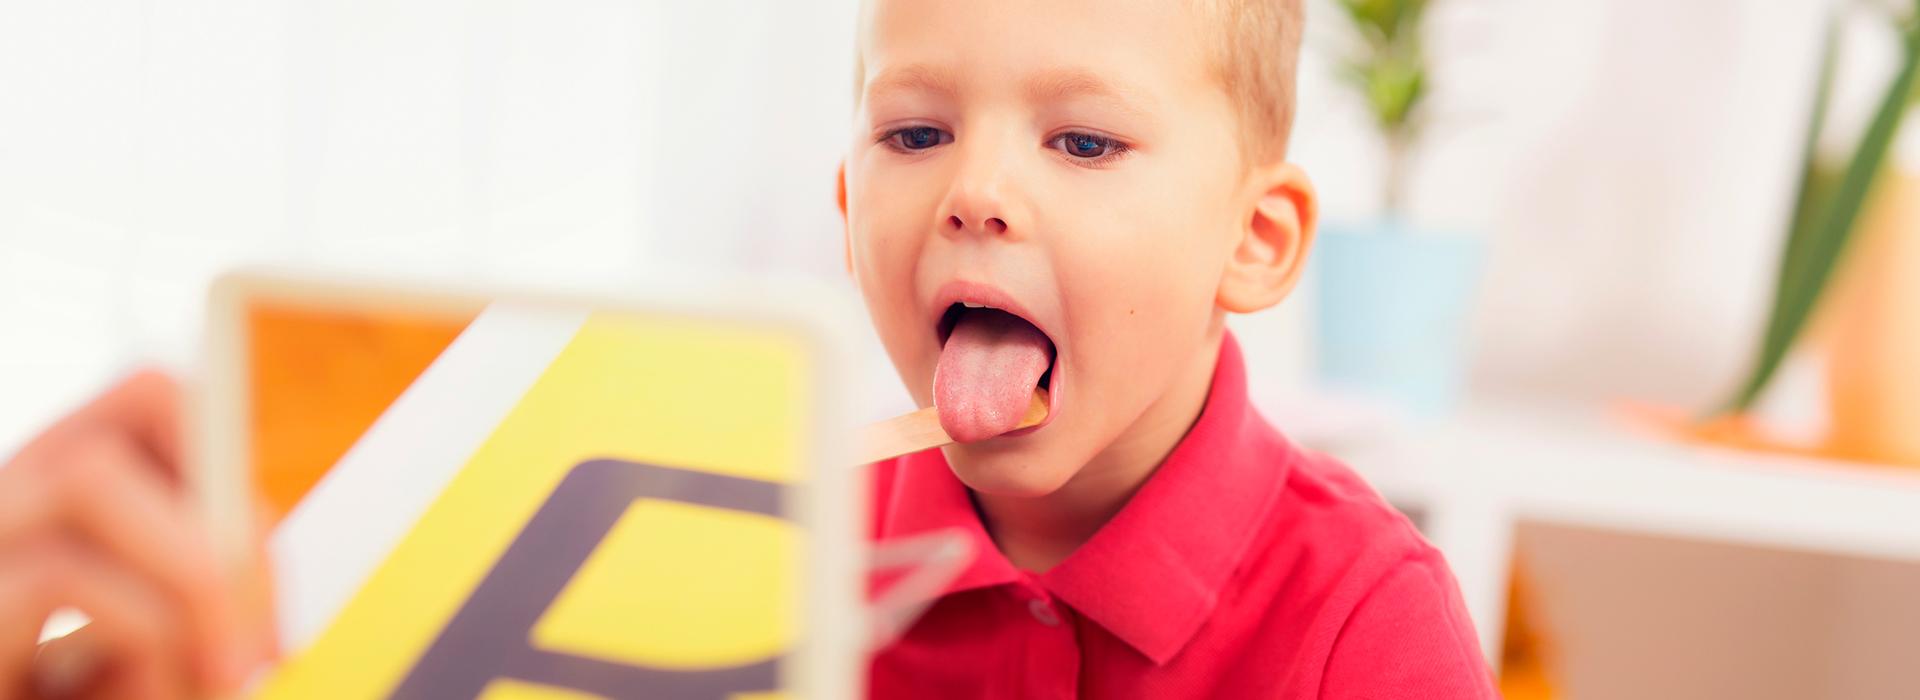 Что такое дизартрия у ребенка